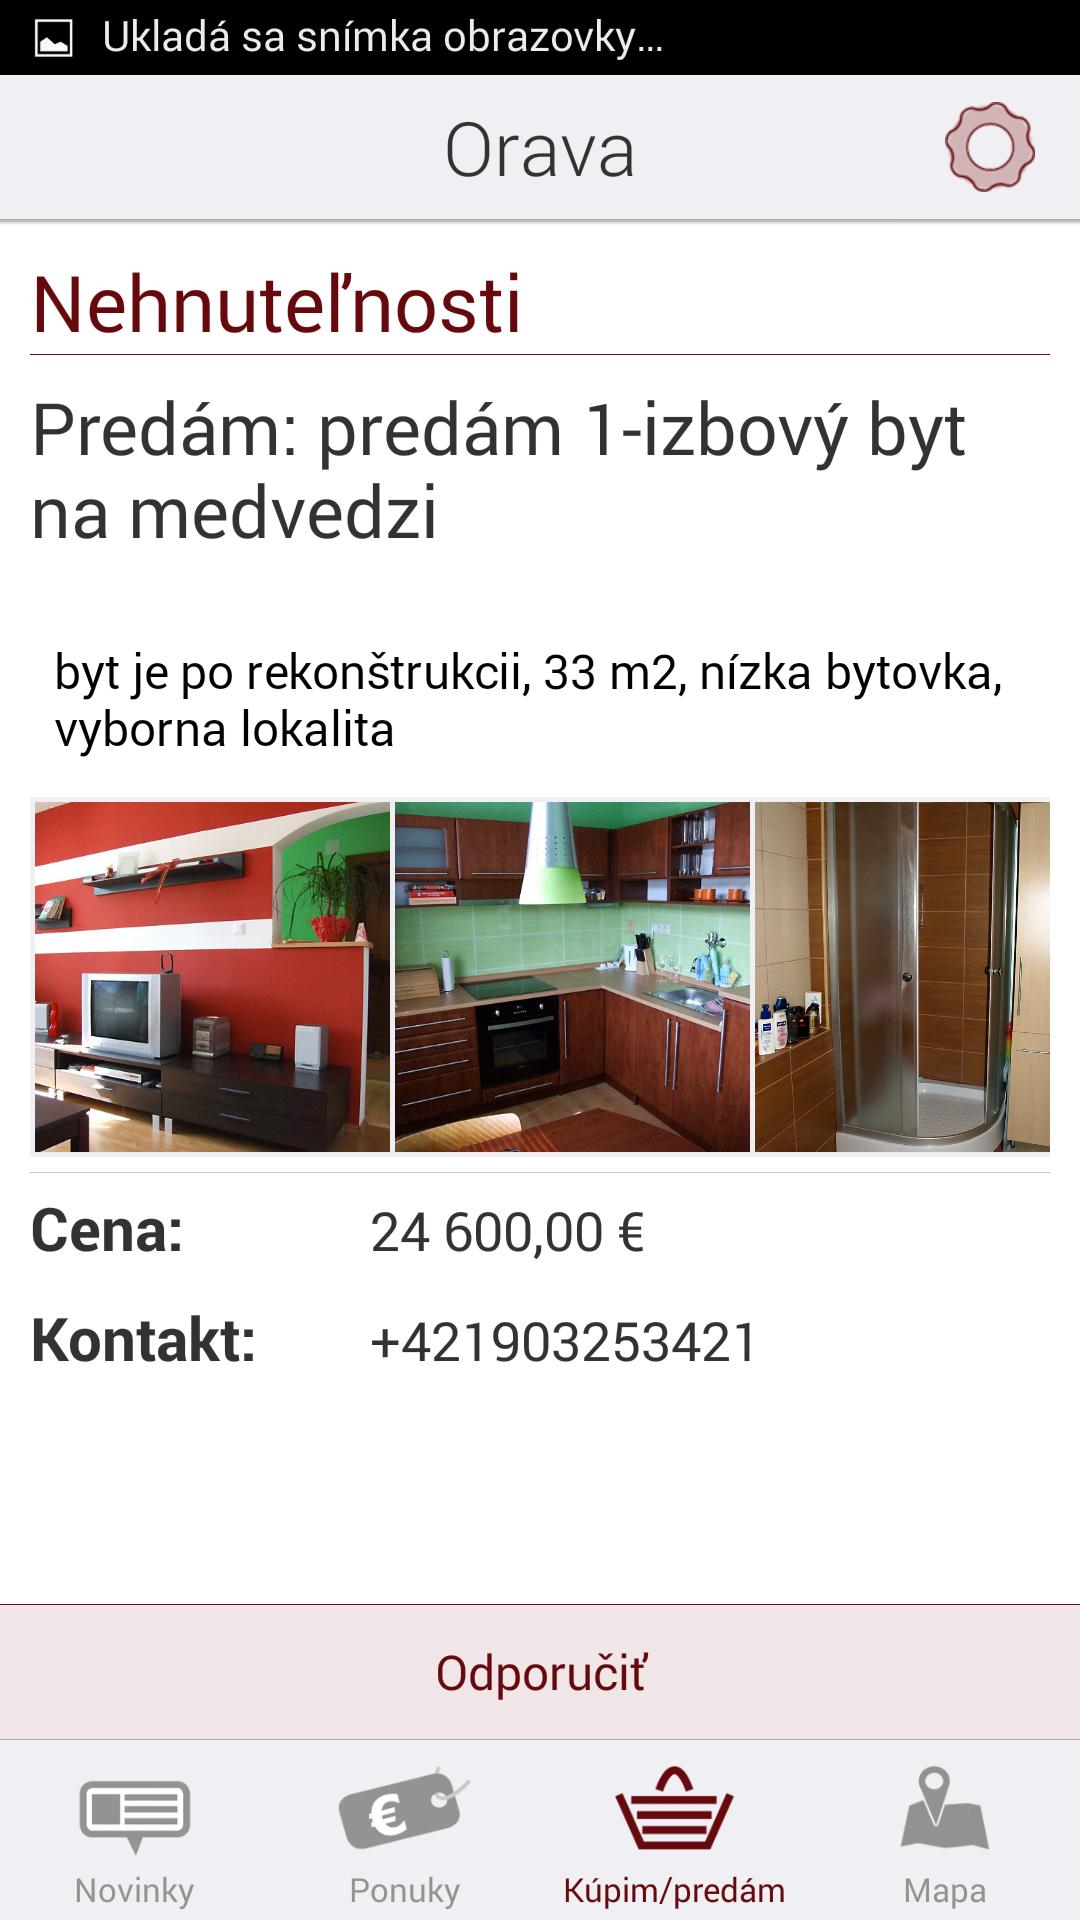 screenshot_2014-05-30-11-00-09_r3376.png